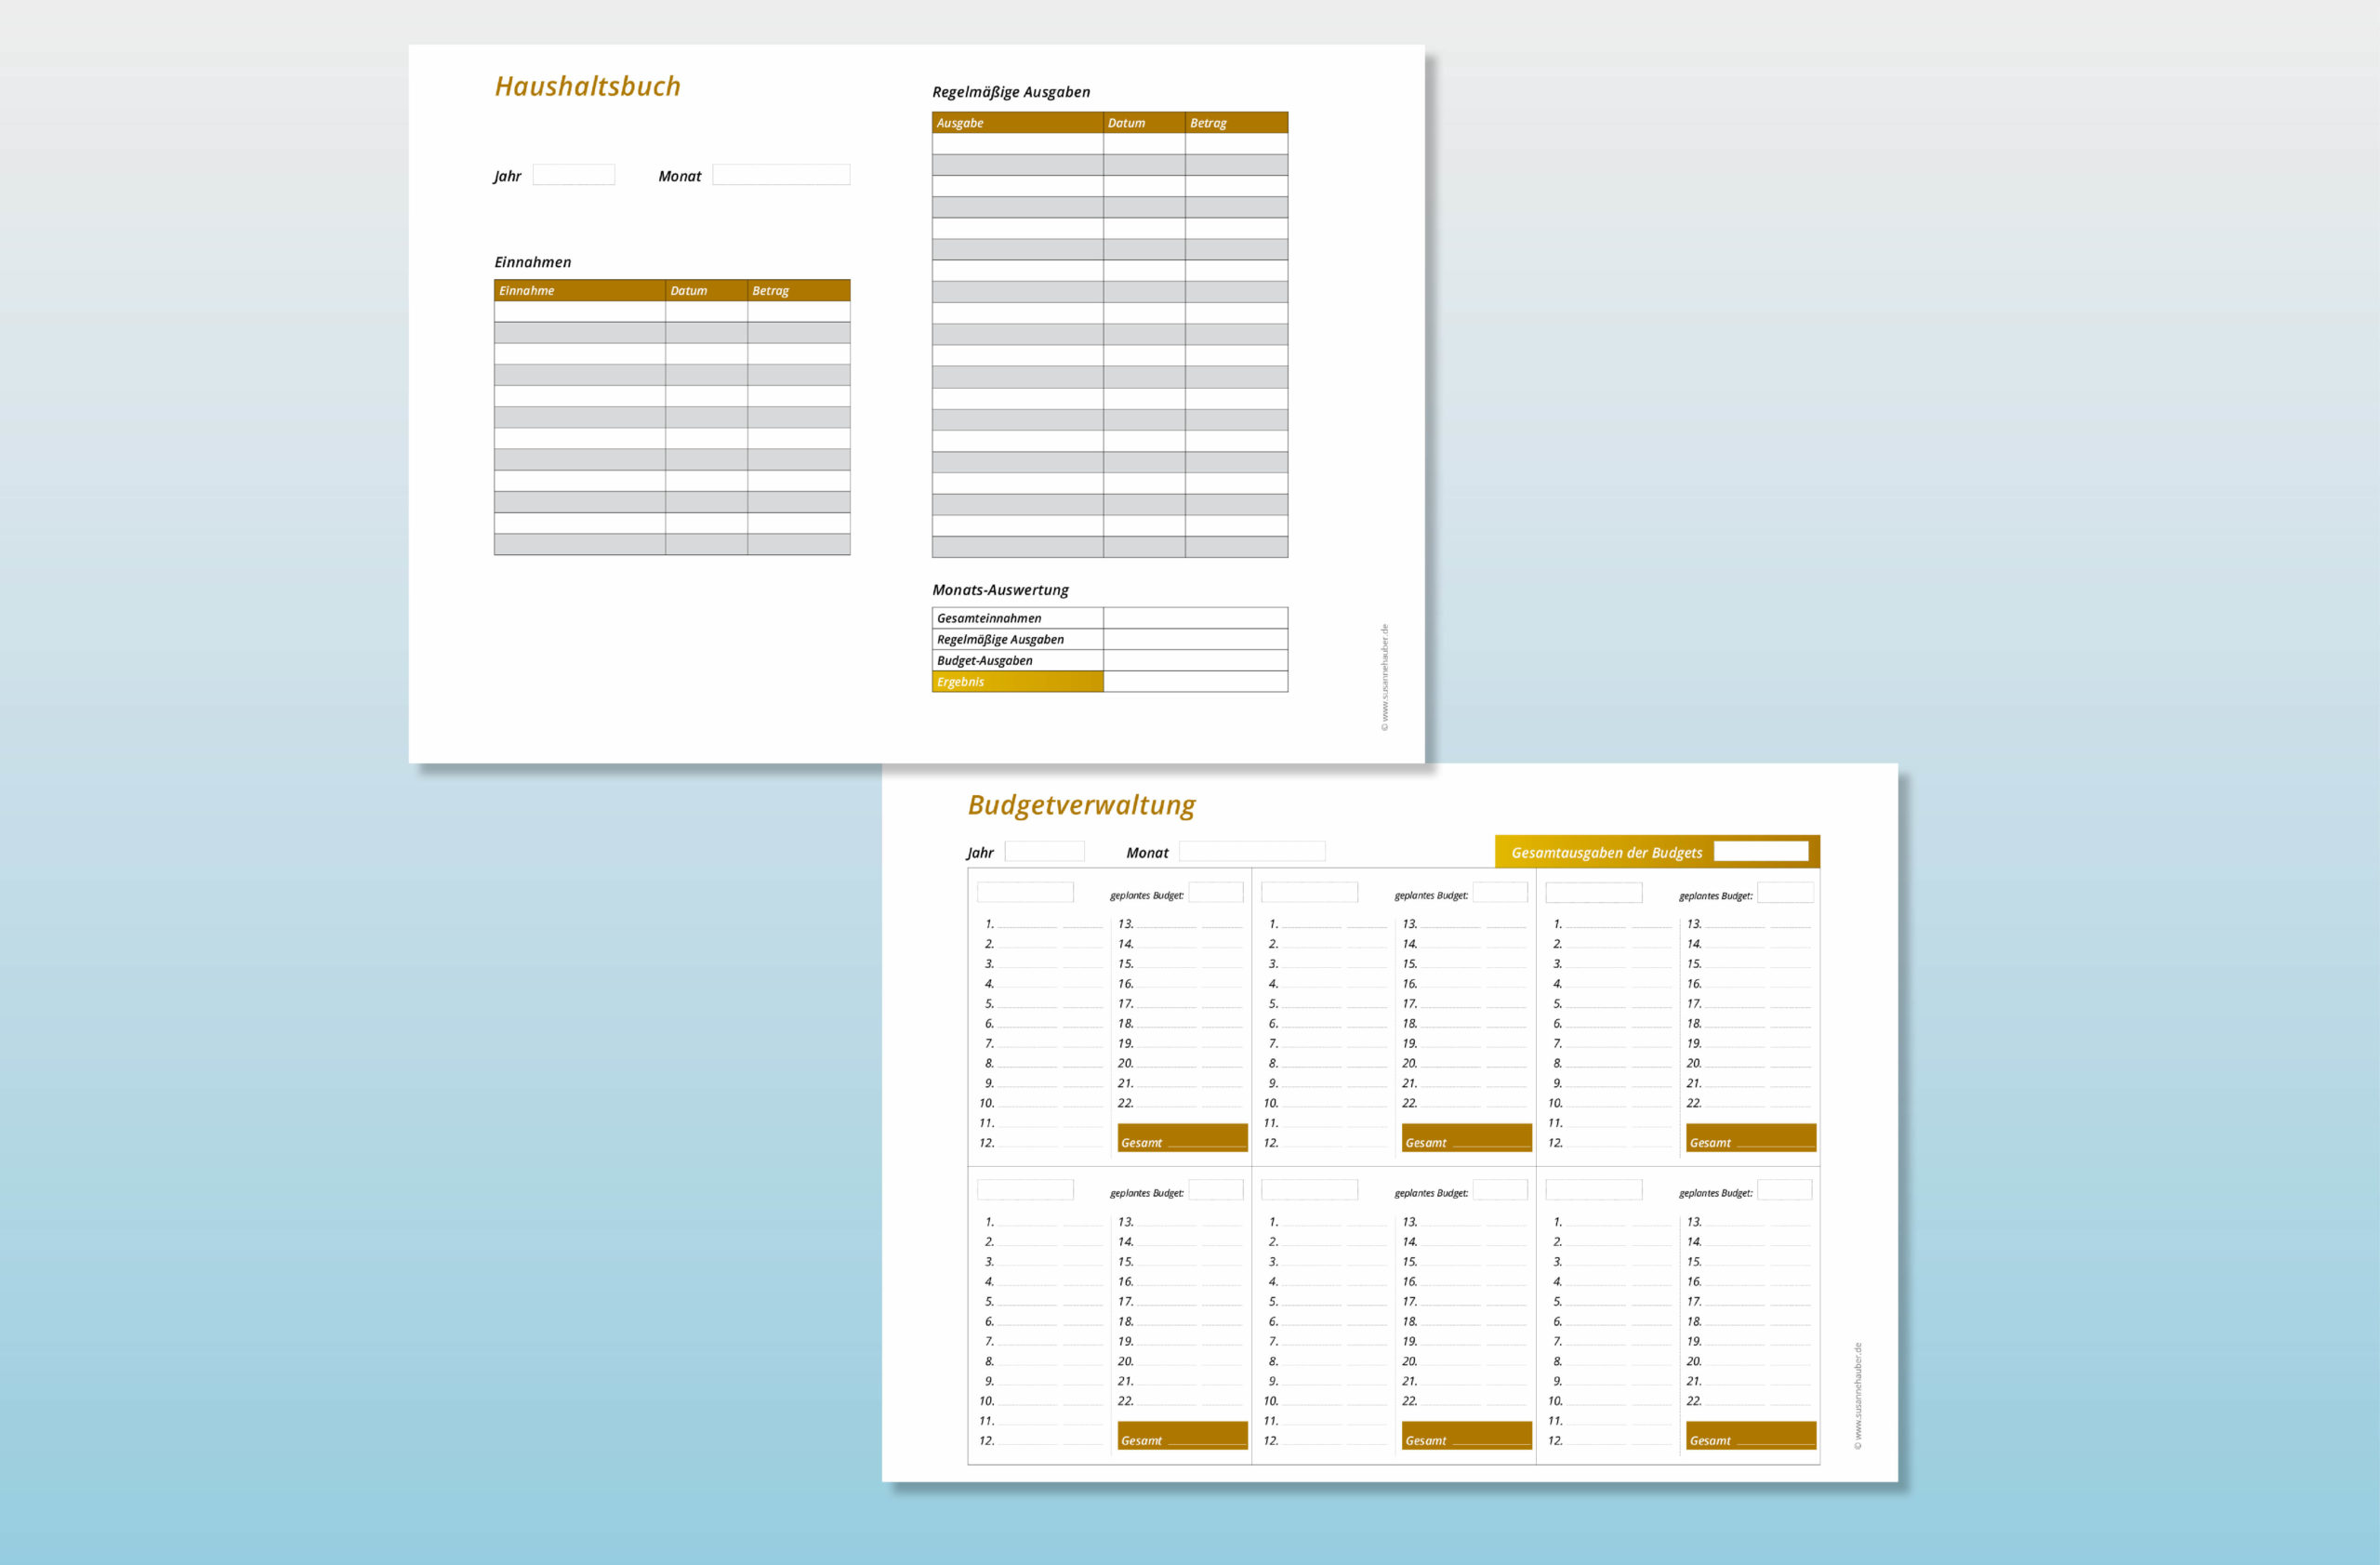 Vorlagen für Haushaltsbuch und Budgetverwaltung